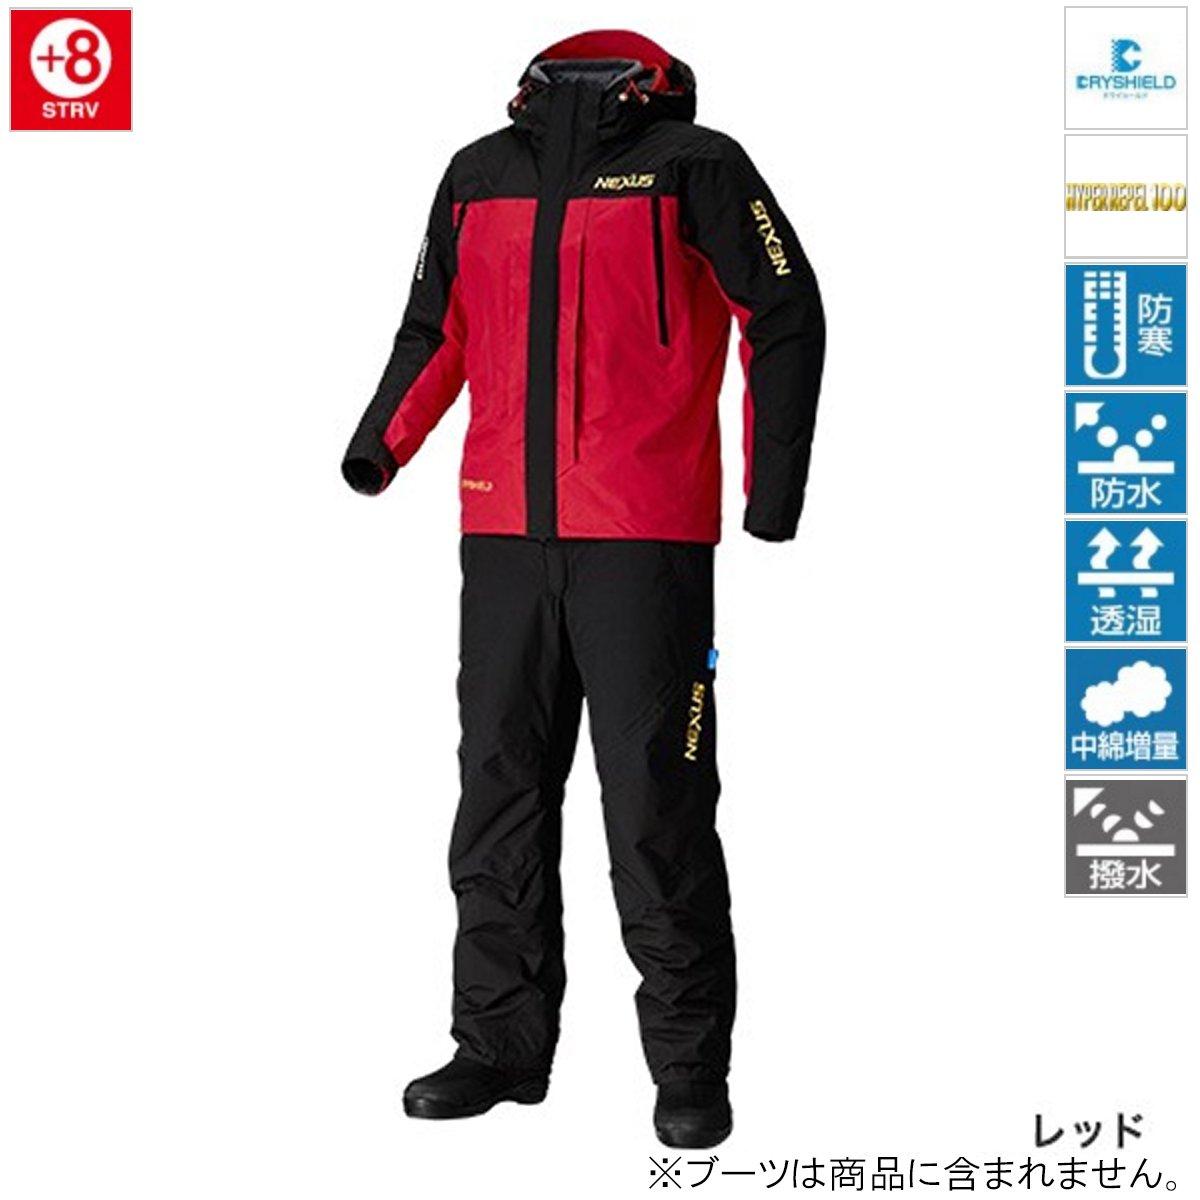 シマノ NEXUS DSコールドウェザースーツ